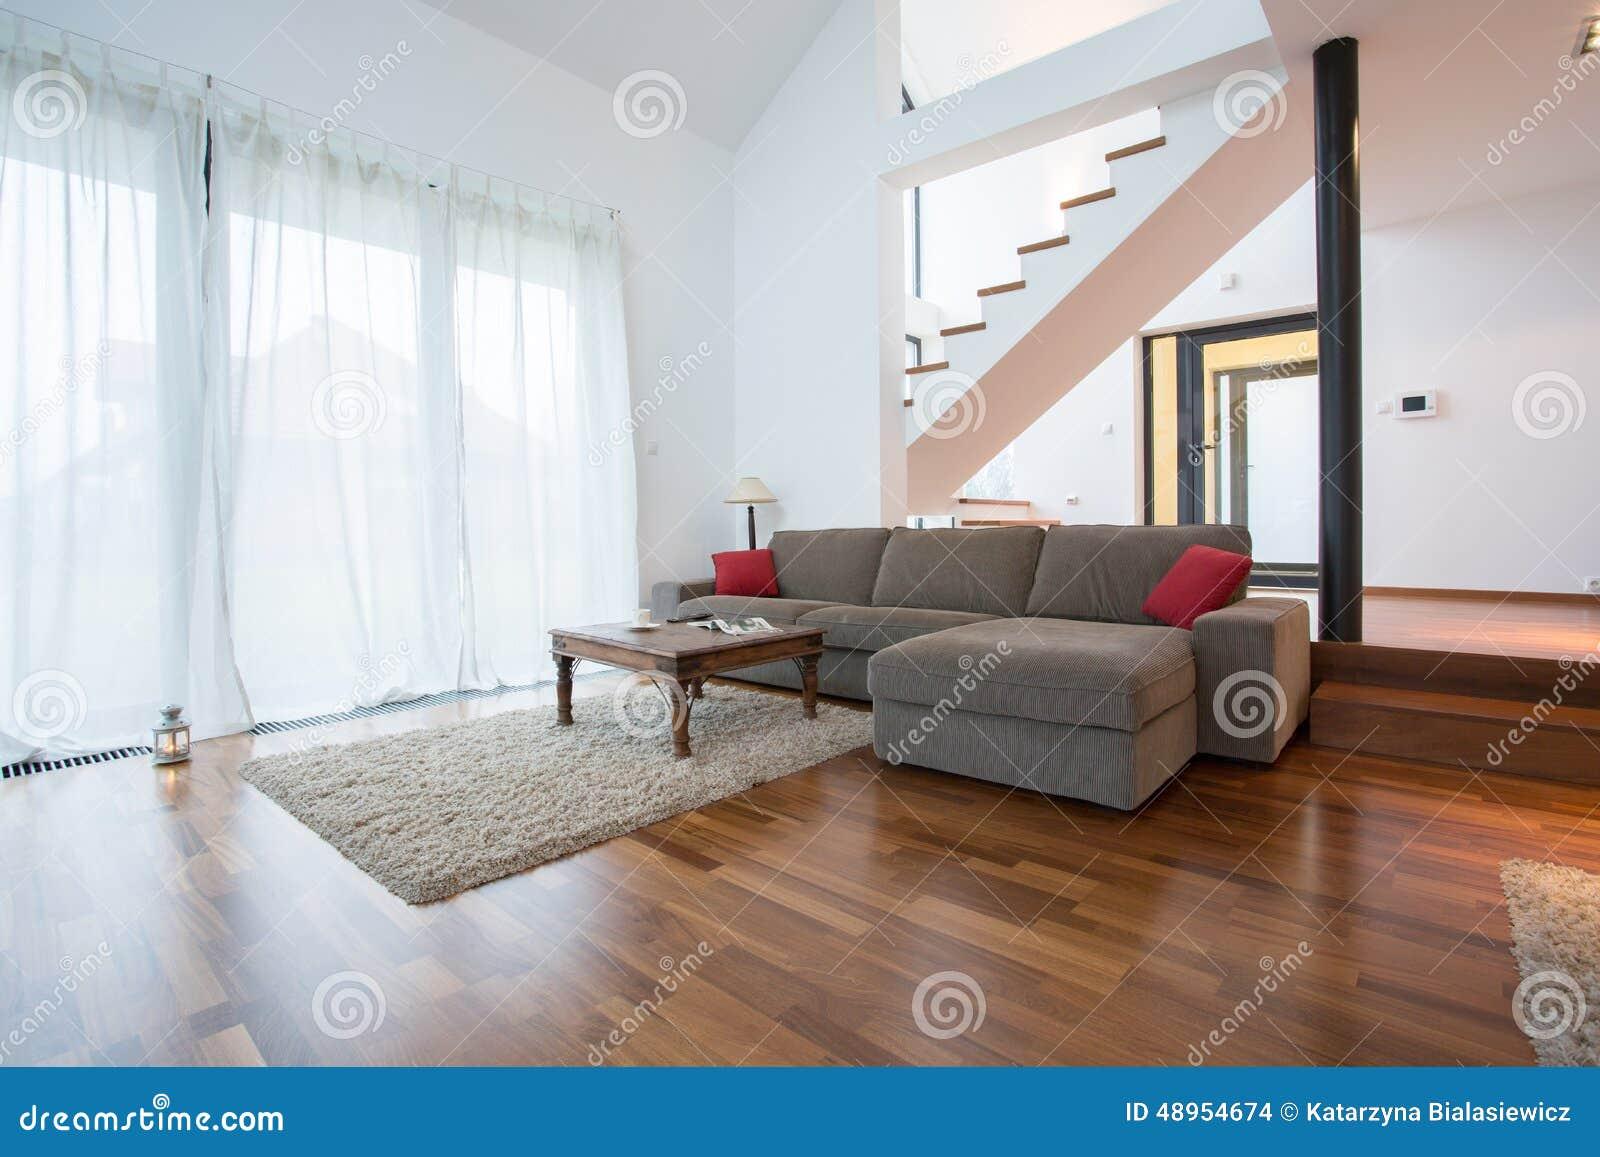 Tappeto di parquet u casamia idea di immagine